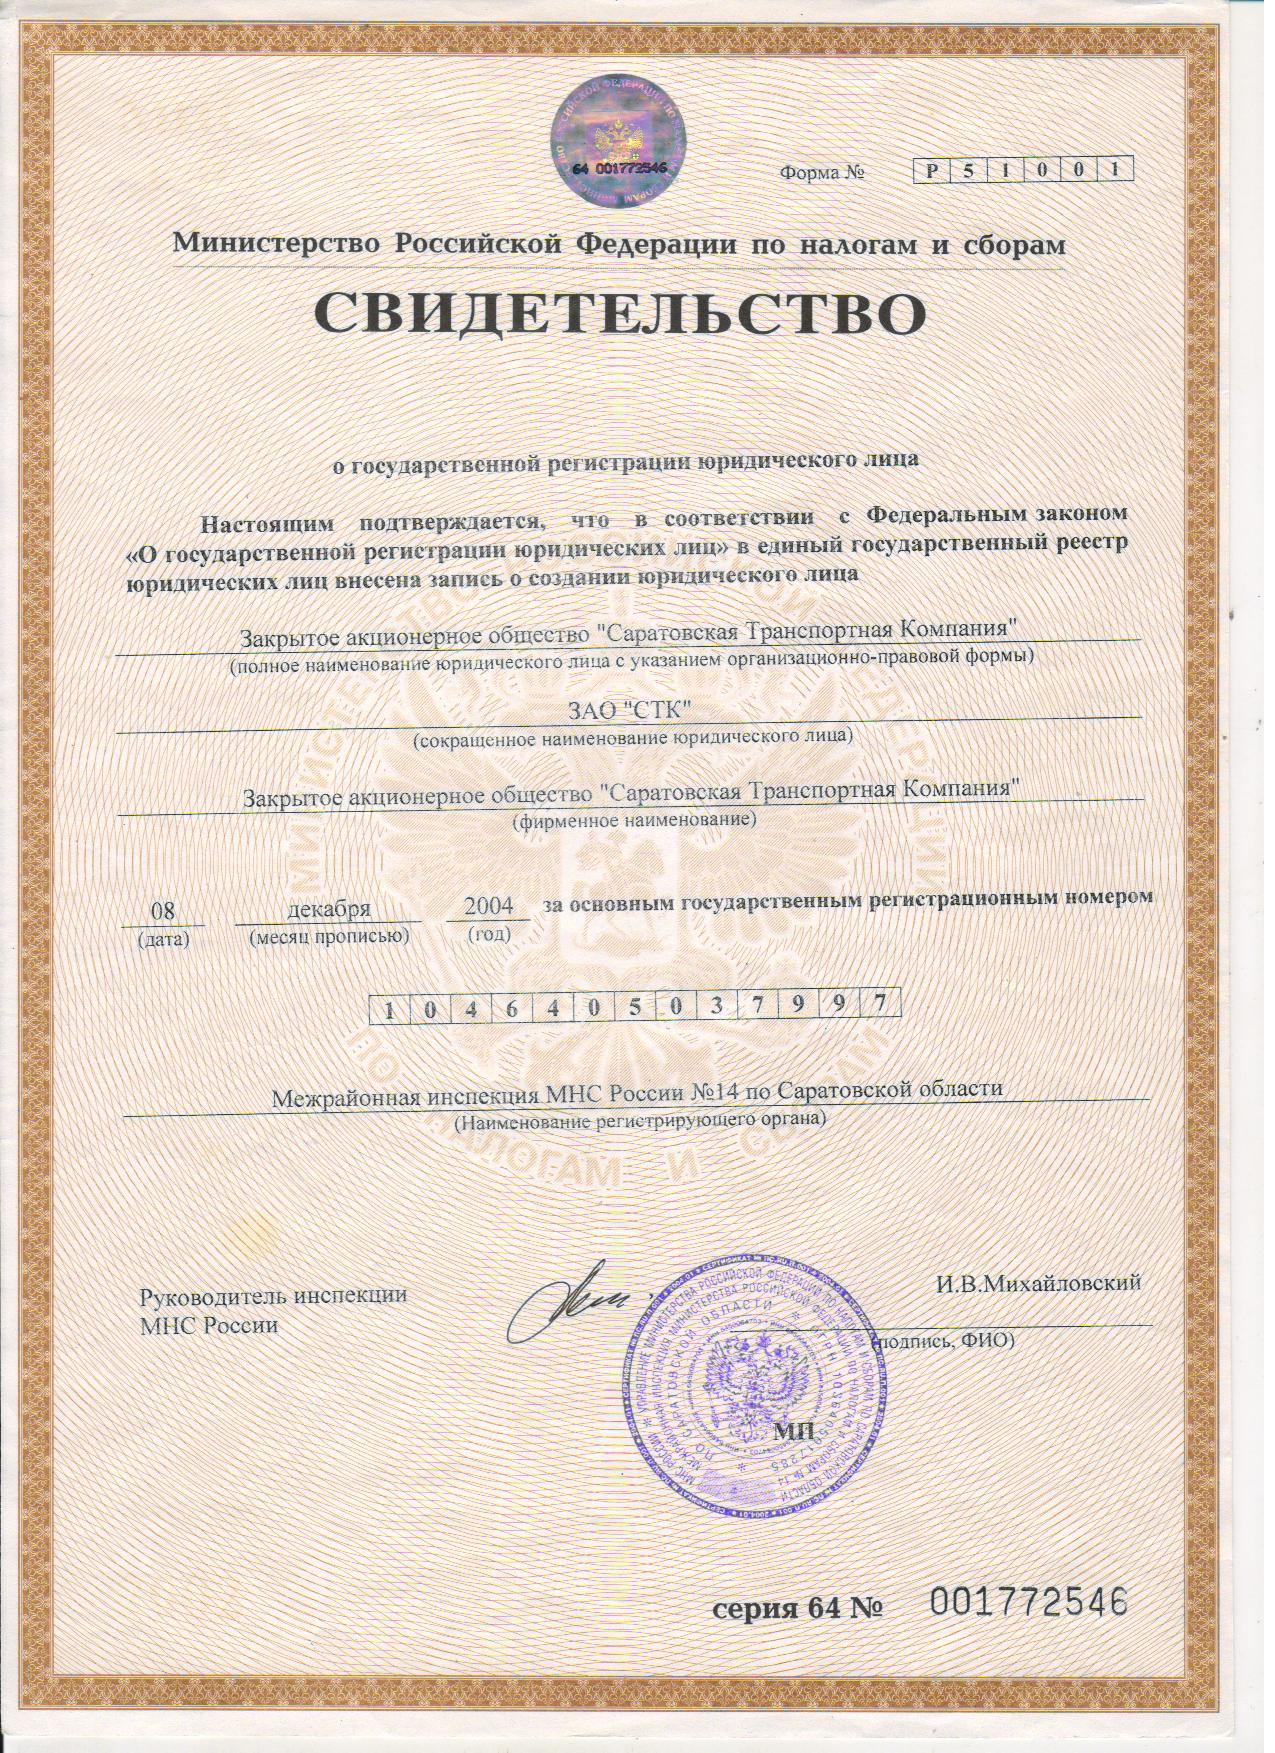 бланк документ подтверждающий представительство компании Олвина, судьей